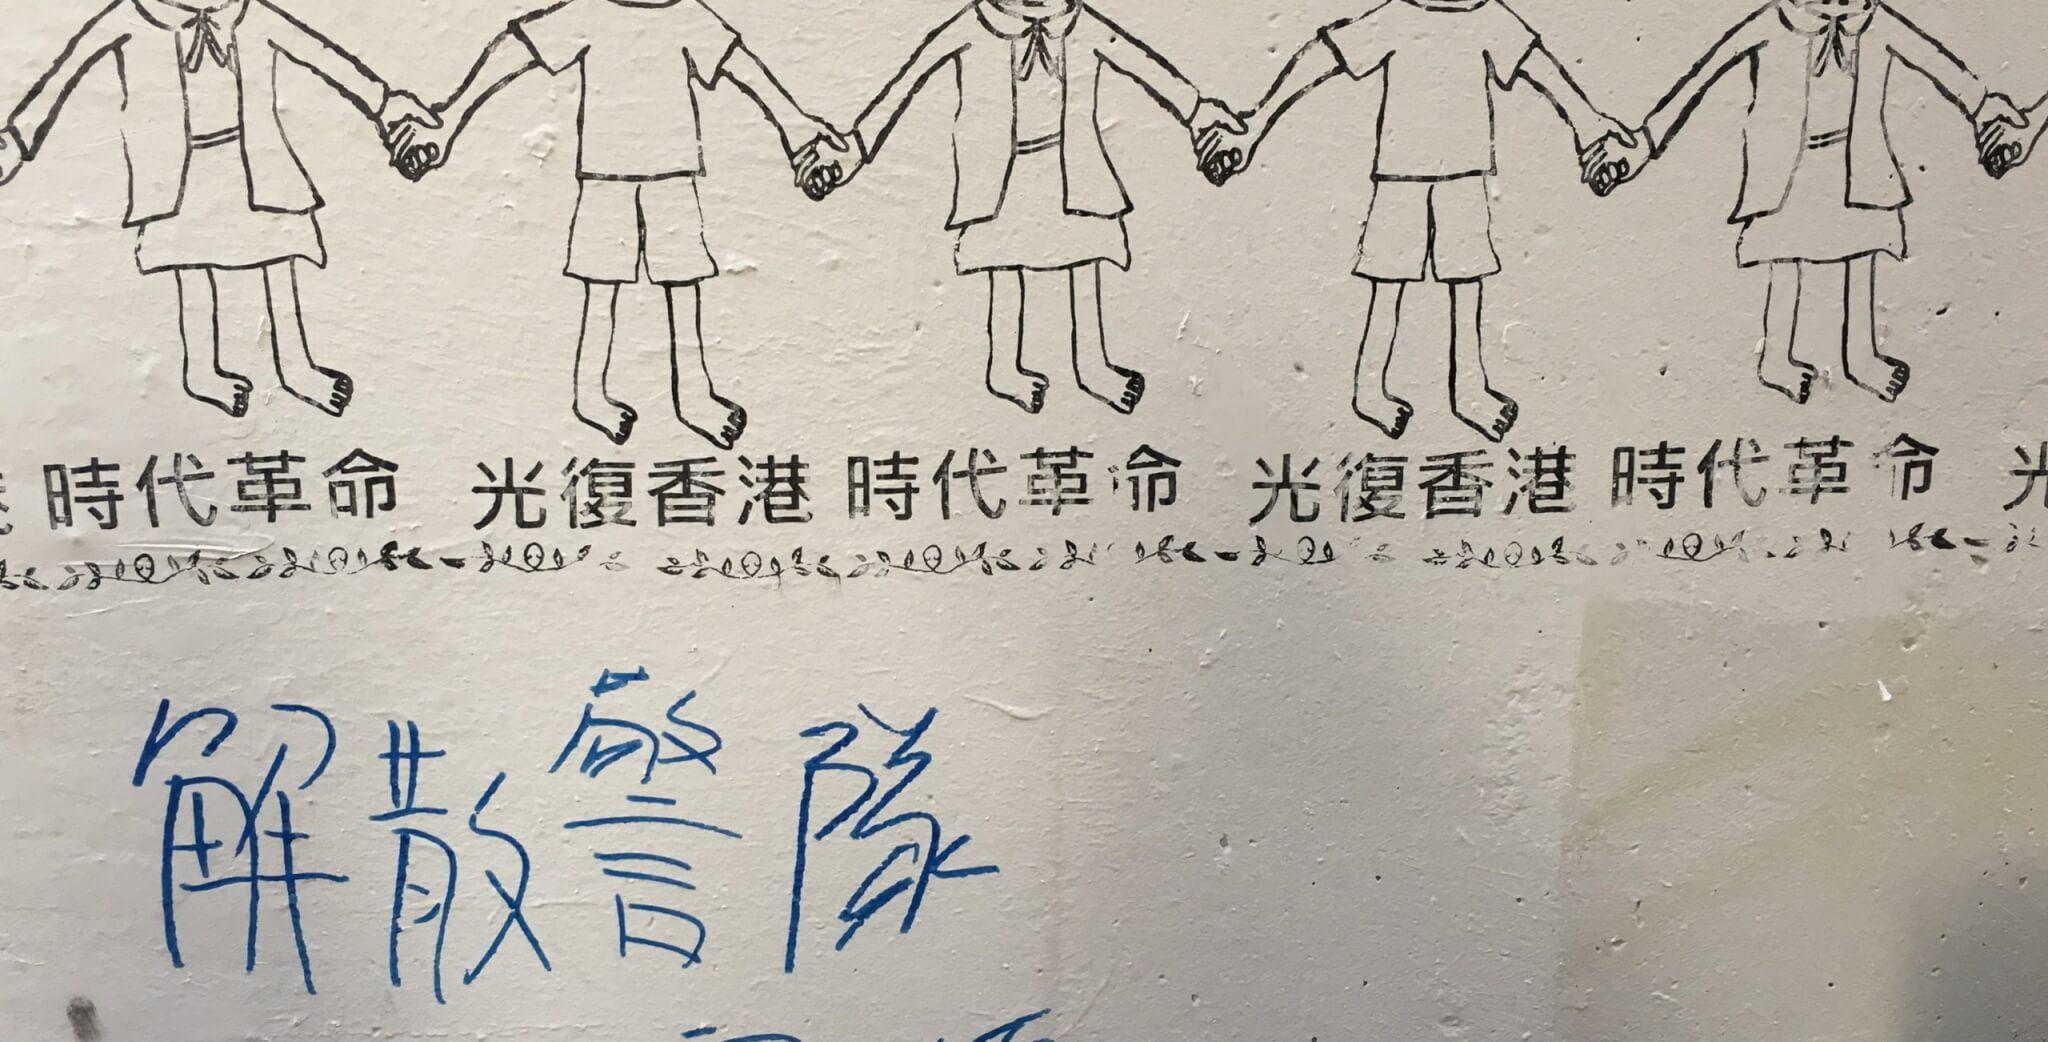 香港 あなたはどこへむかうのか 3ヘッダー画像